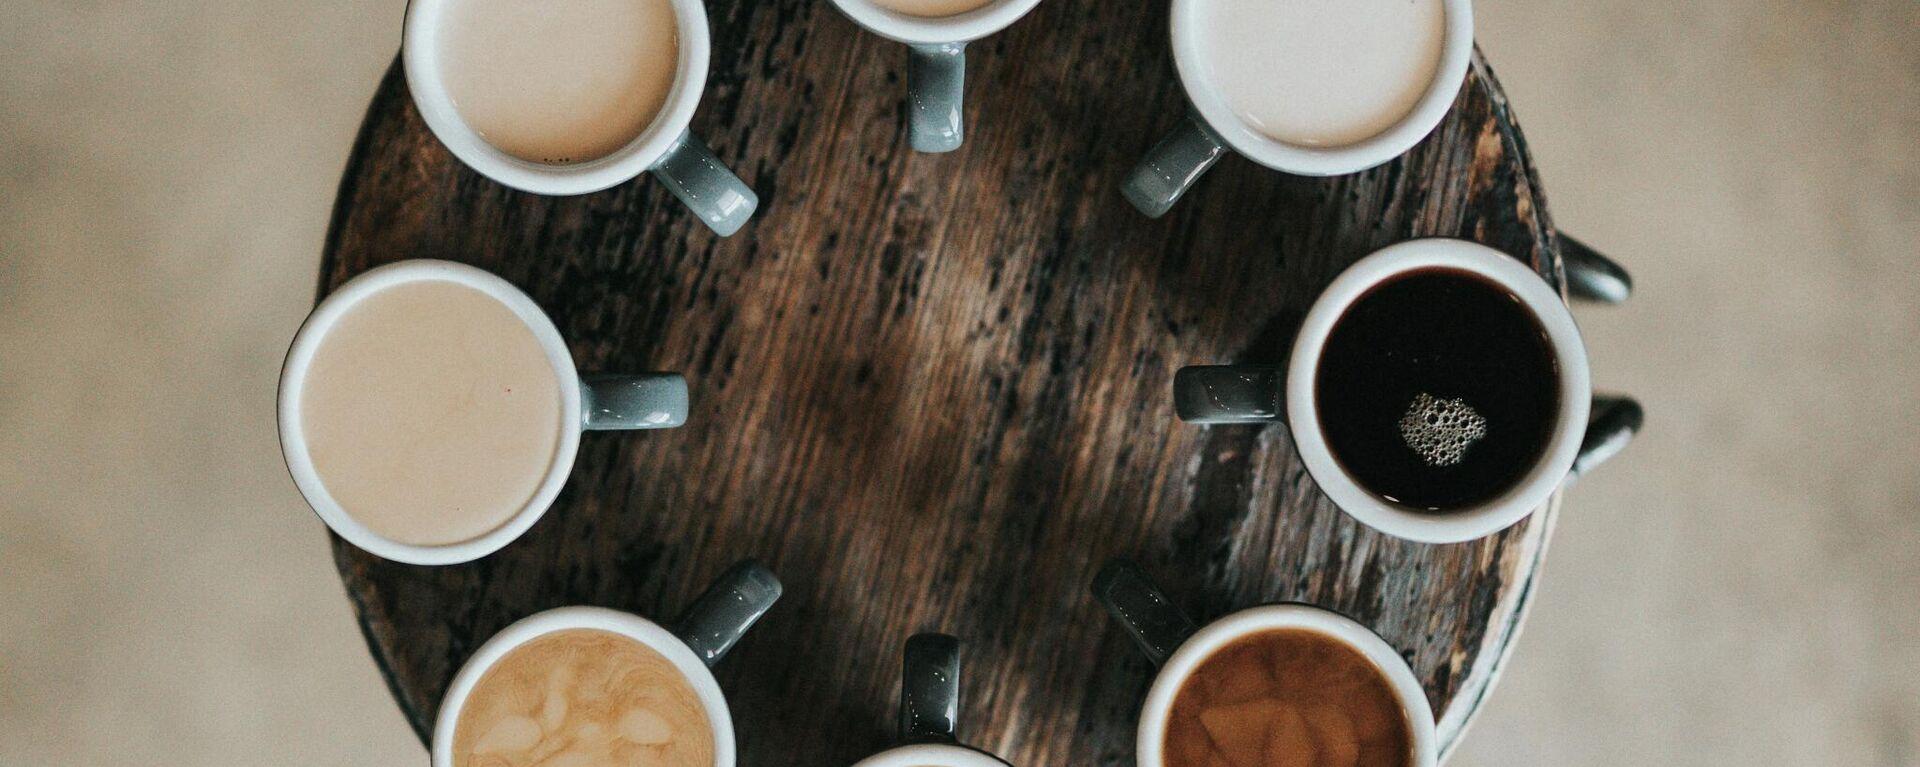 Unas tazas de café - Sputnik Mundo, 1920, 13.07.2021